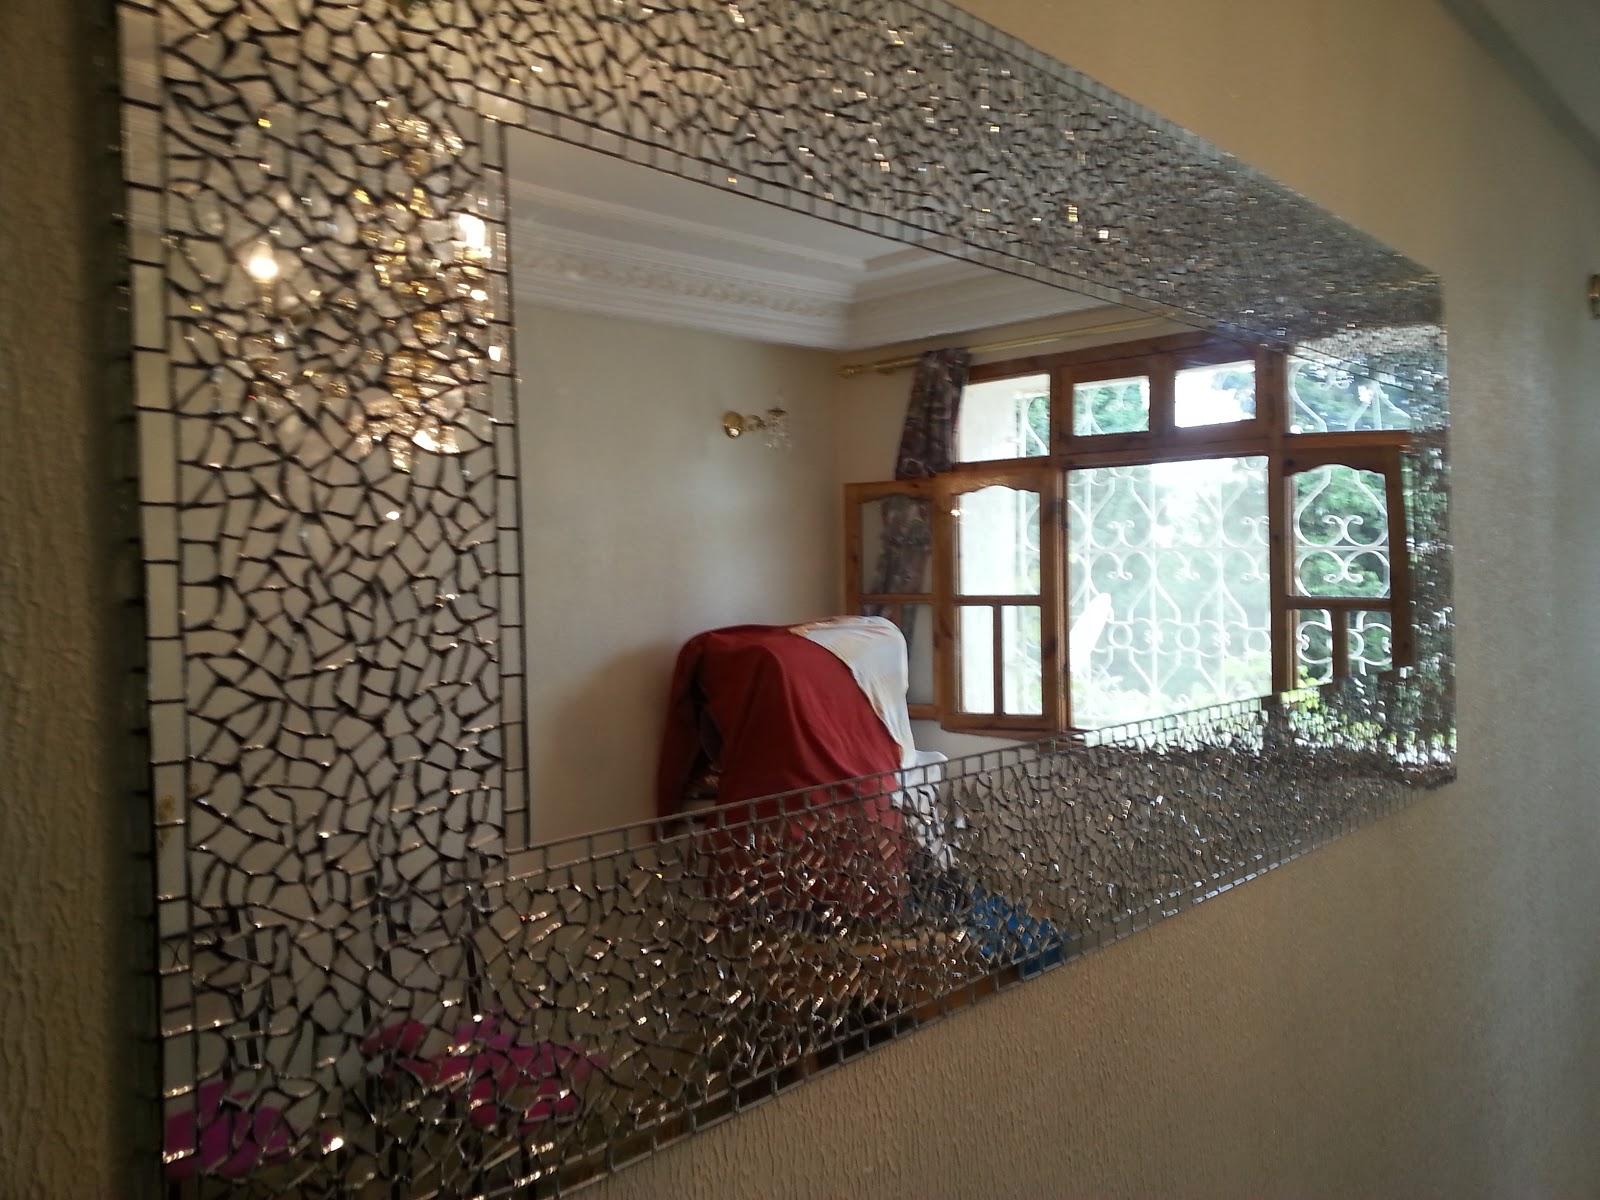 Cr ation d coration miroir style mosa que et autre for Miroir mosaique design